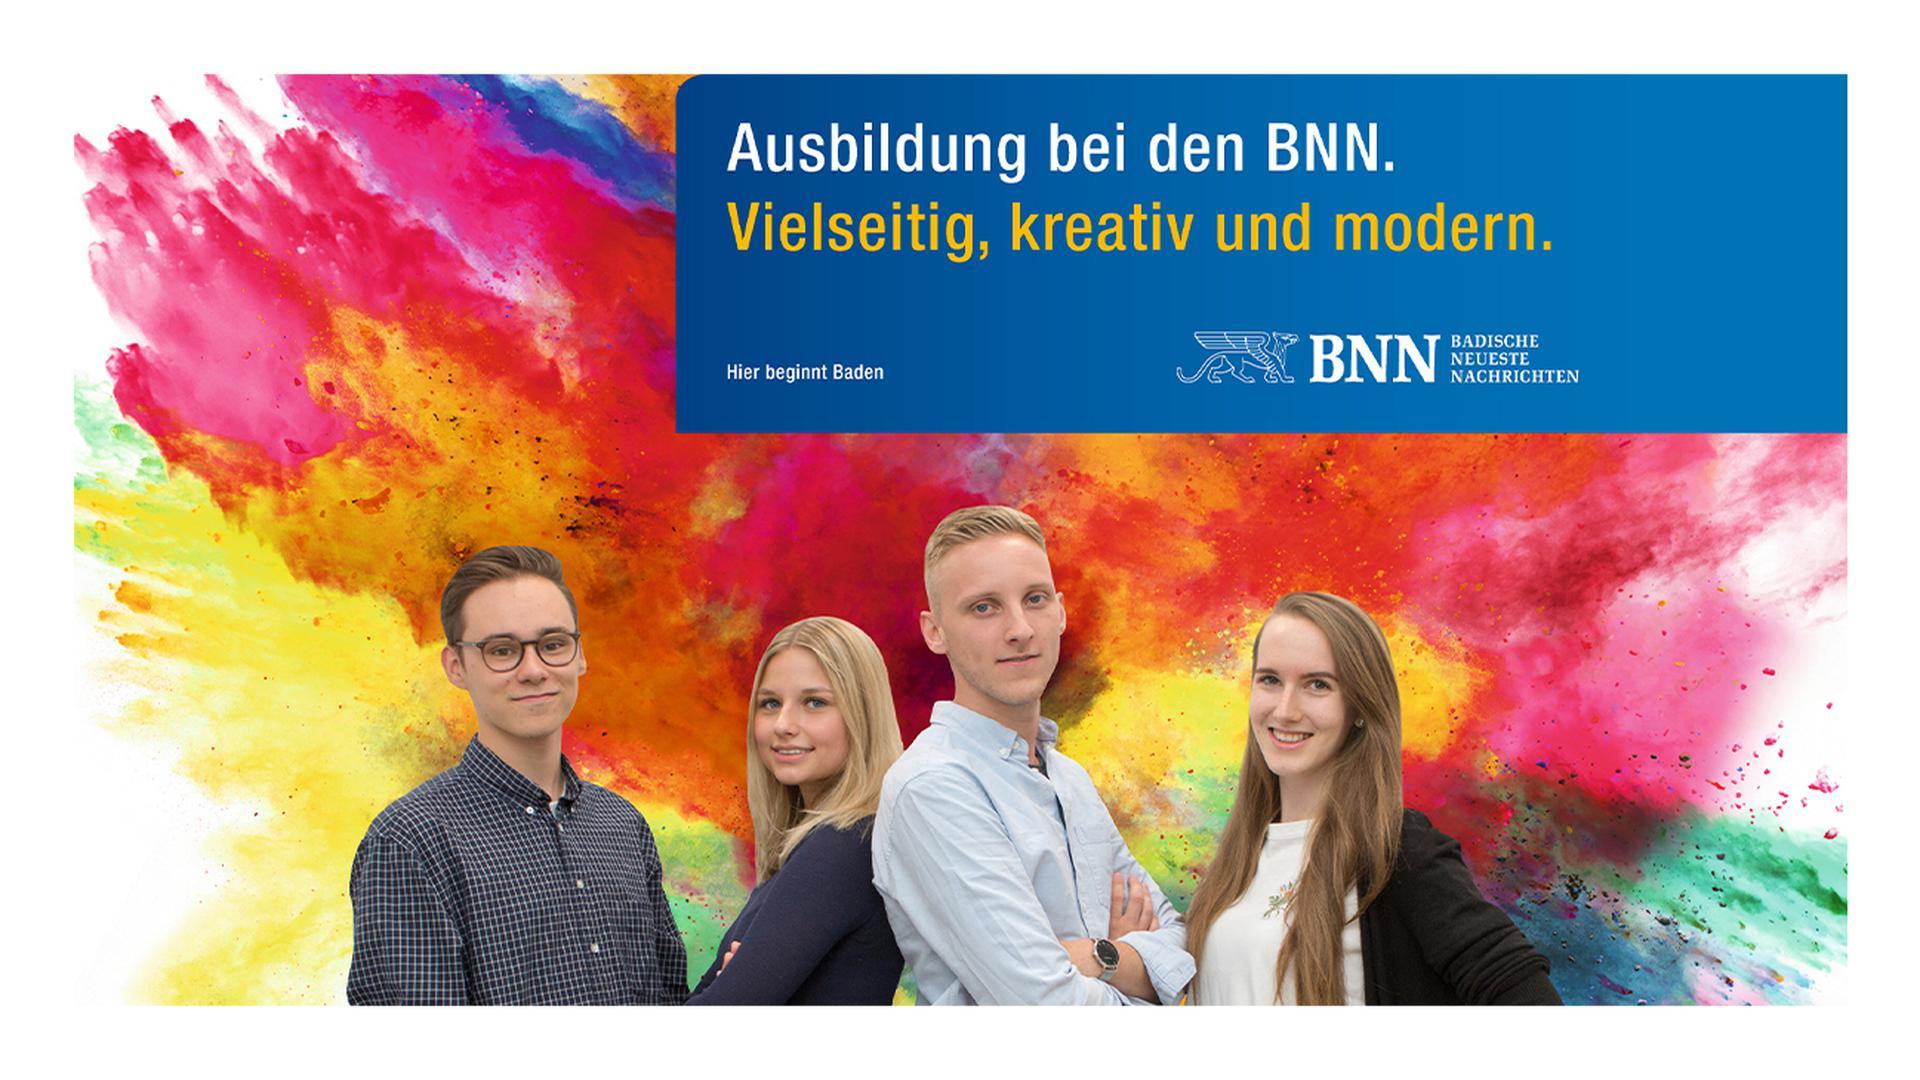 Ausbildung bei den BNN. Vielseitig, kreativ und modern.